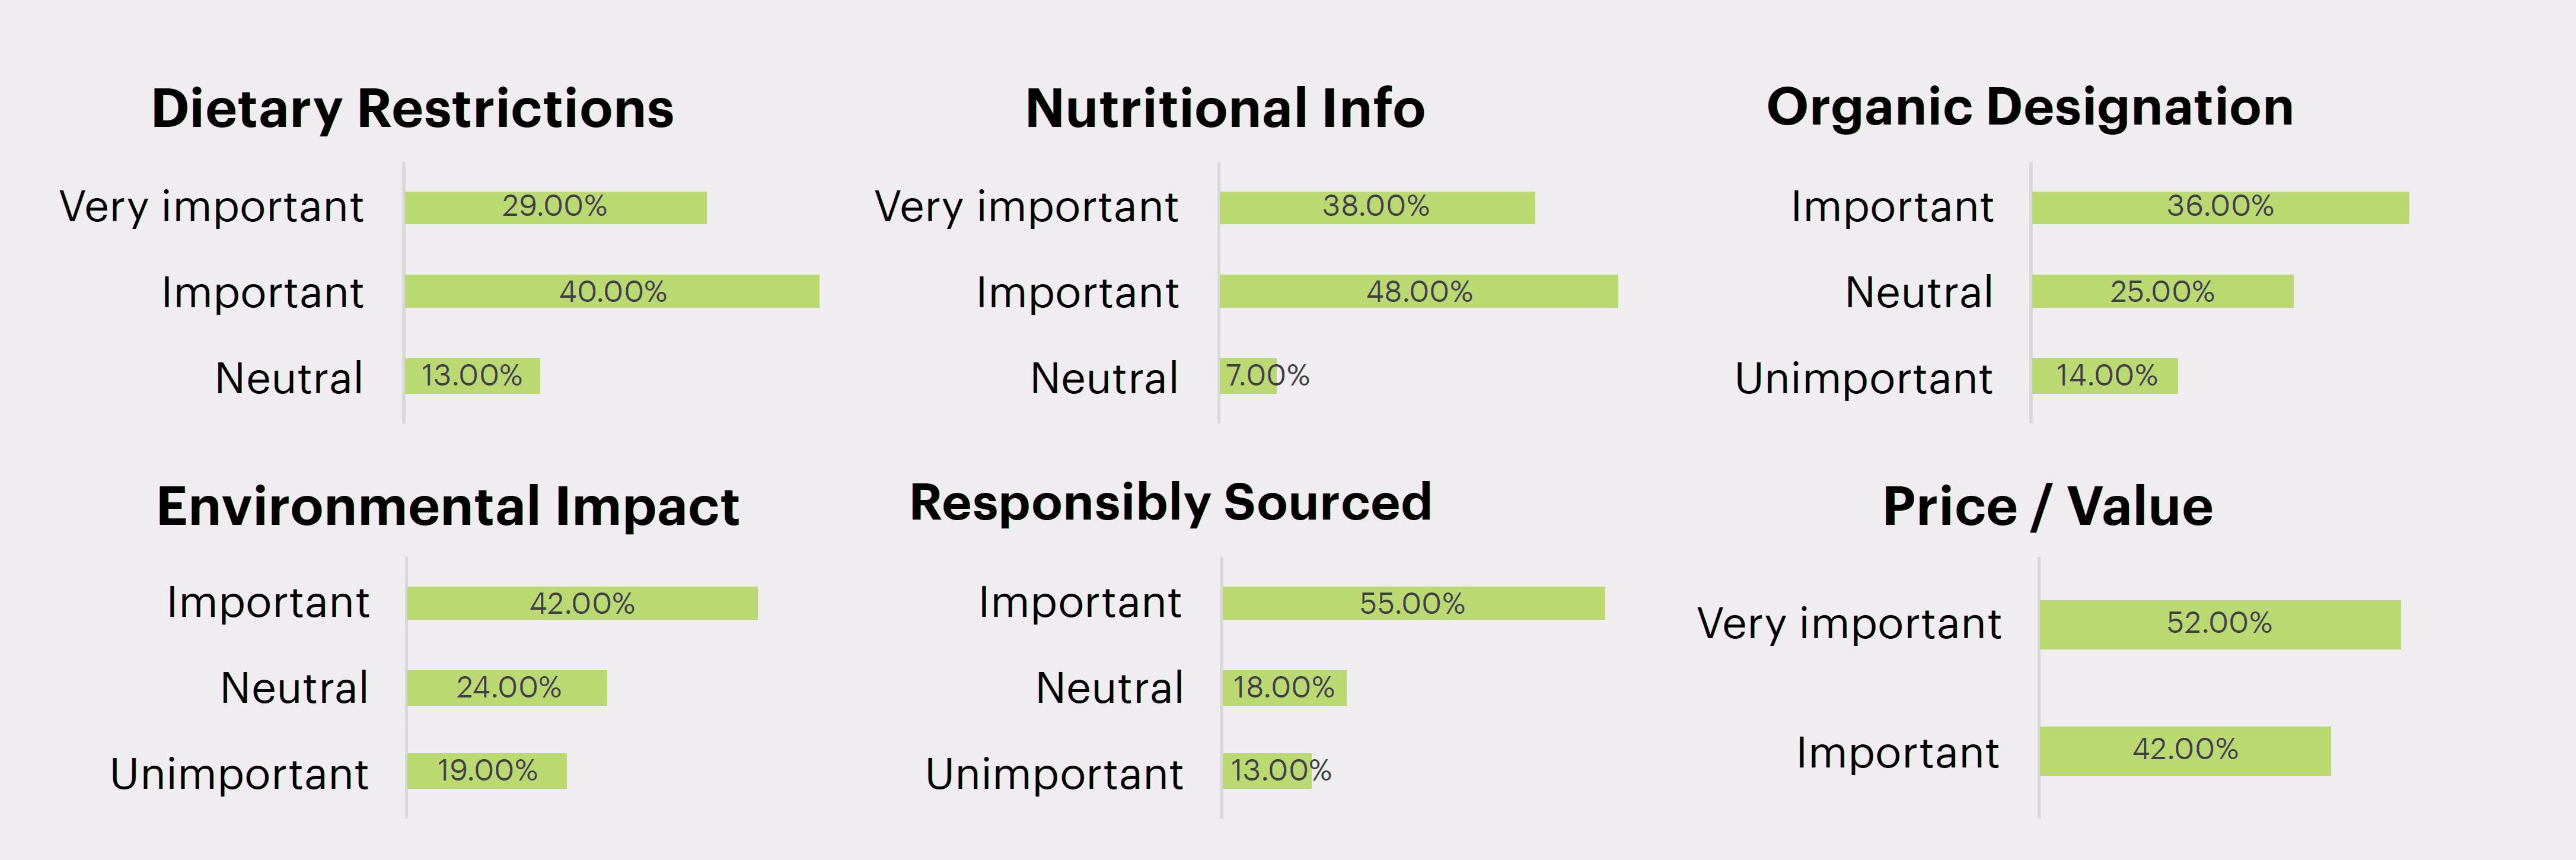 wfm survey